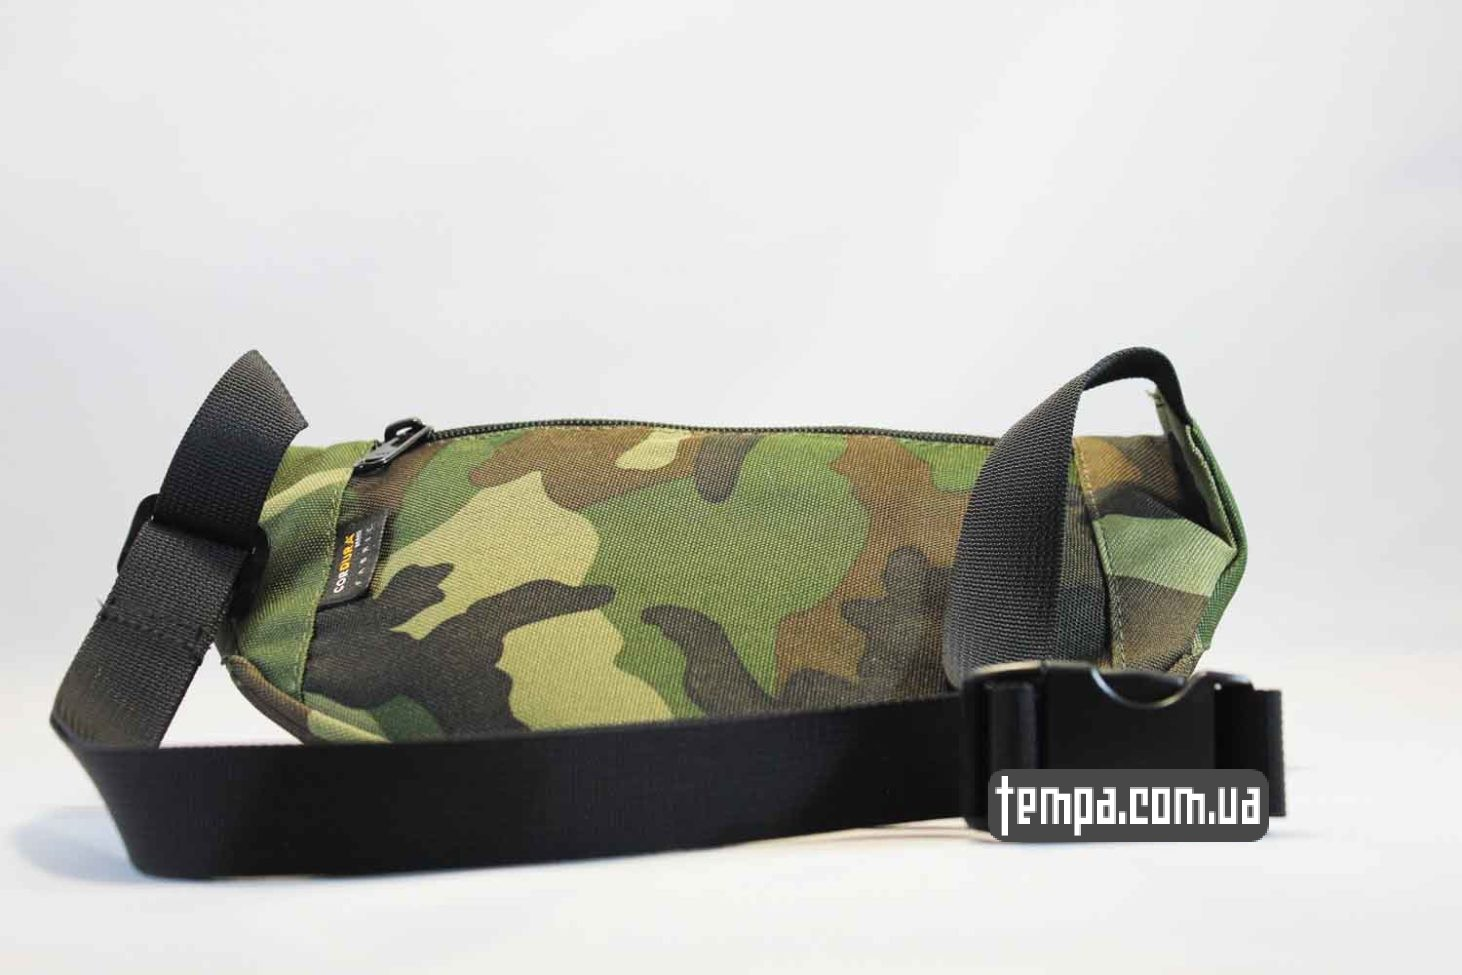 сумка кархарт купить поясная сумка бананка Carhartt Fanny Pack военного цвета